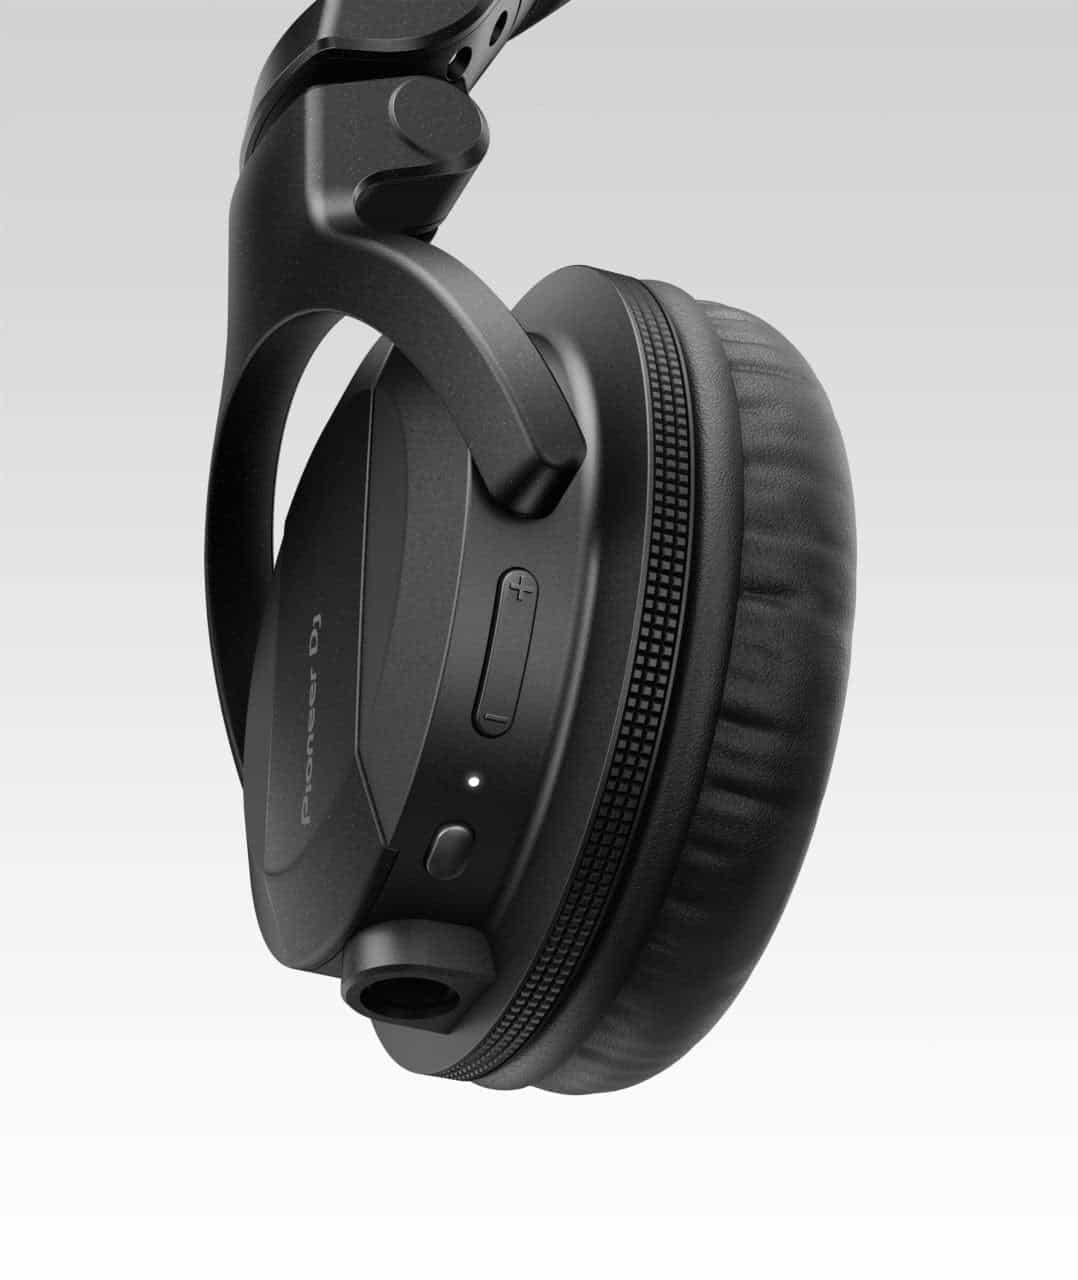 Pioneer DJ lanza auriculares para DJ con Bluetooth HDJ-CUE1 1